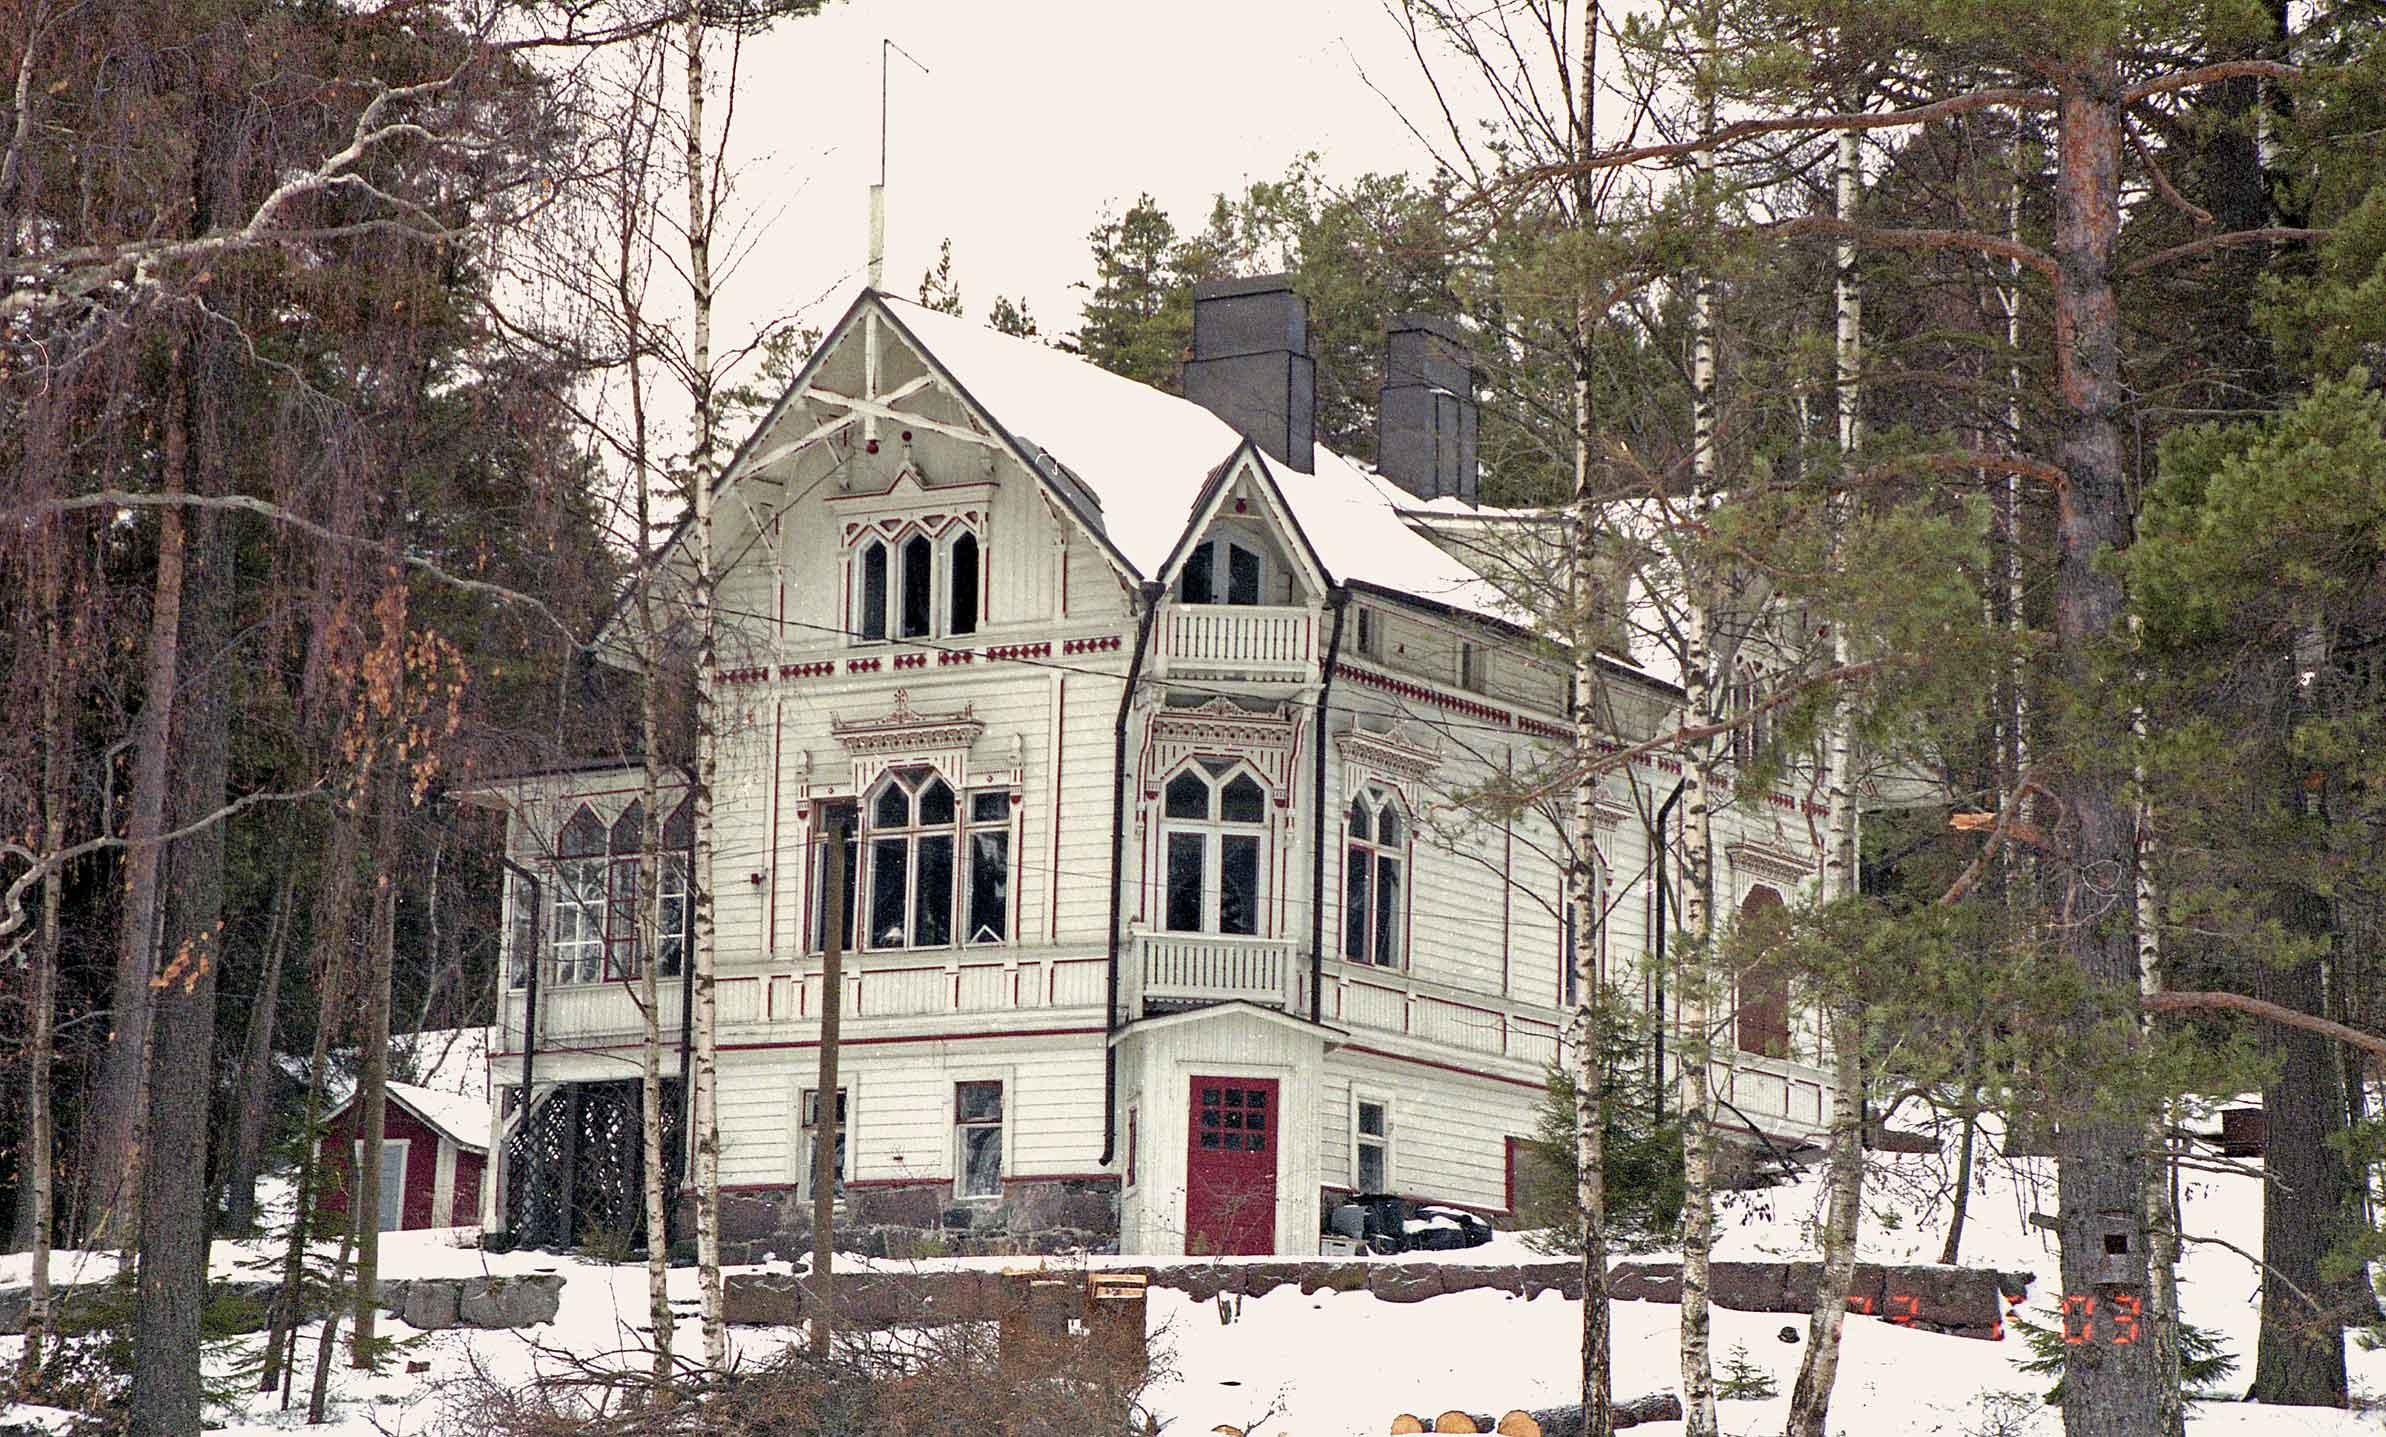 Vartiosaari - Huvila Tirrebo vuodelta 1889. Kuva © Jan Strang 23.2.2003.